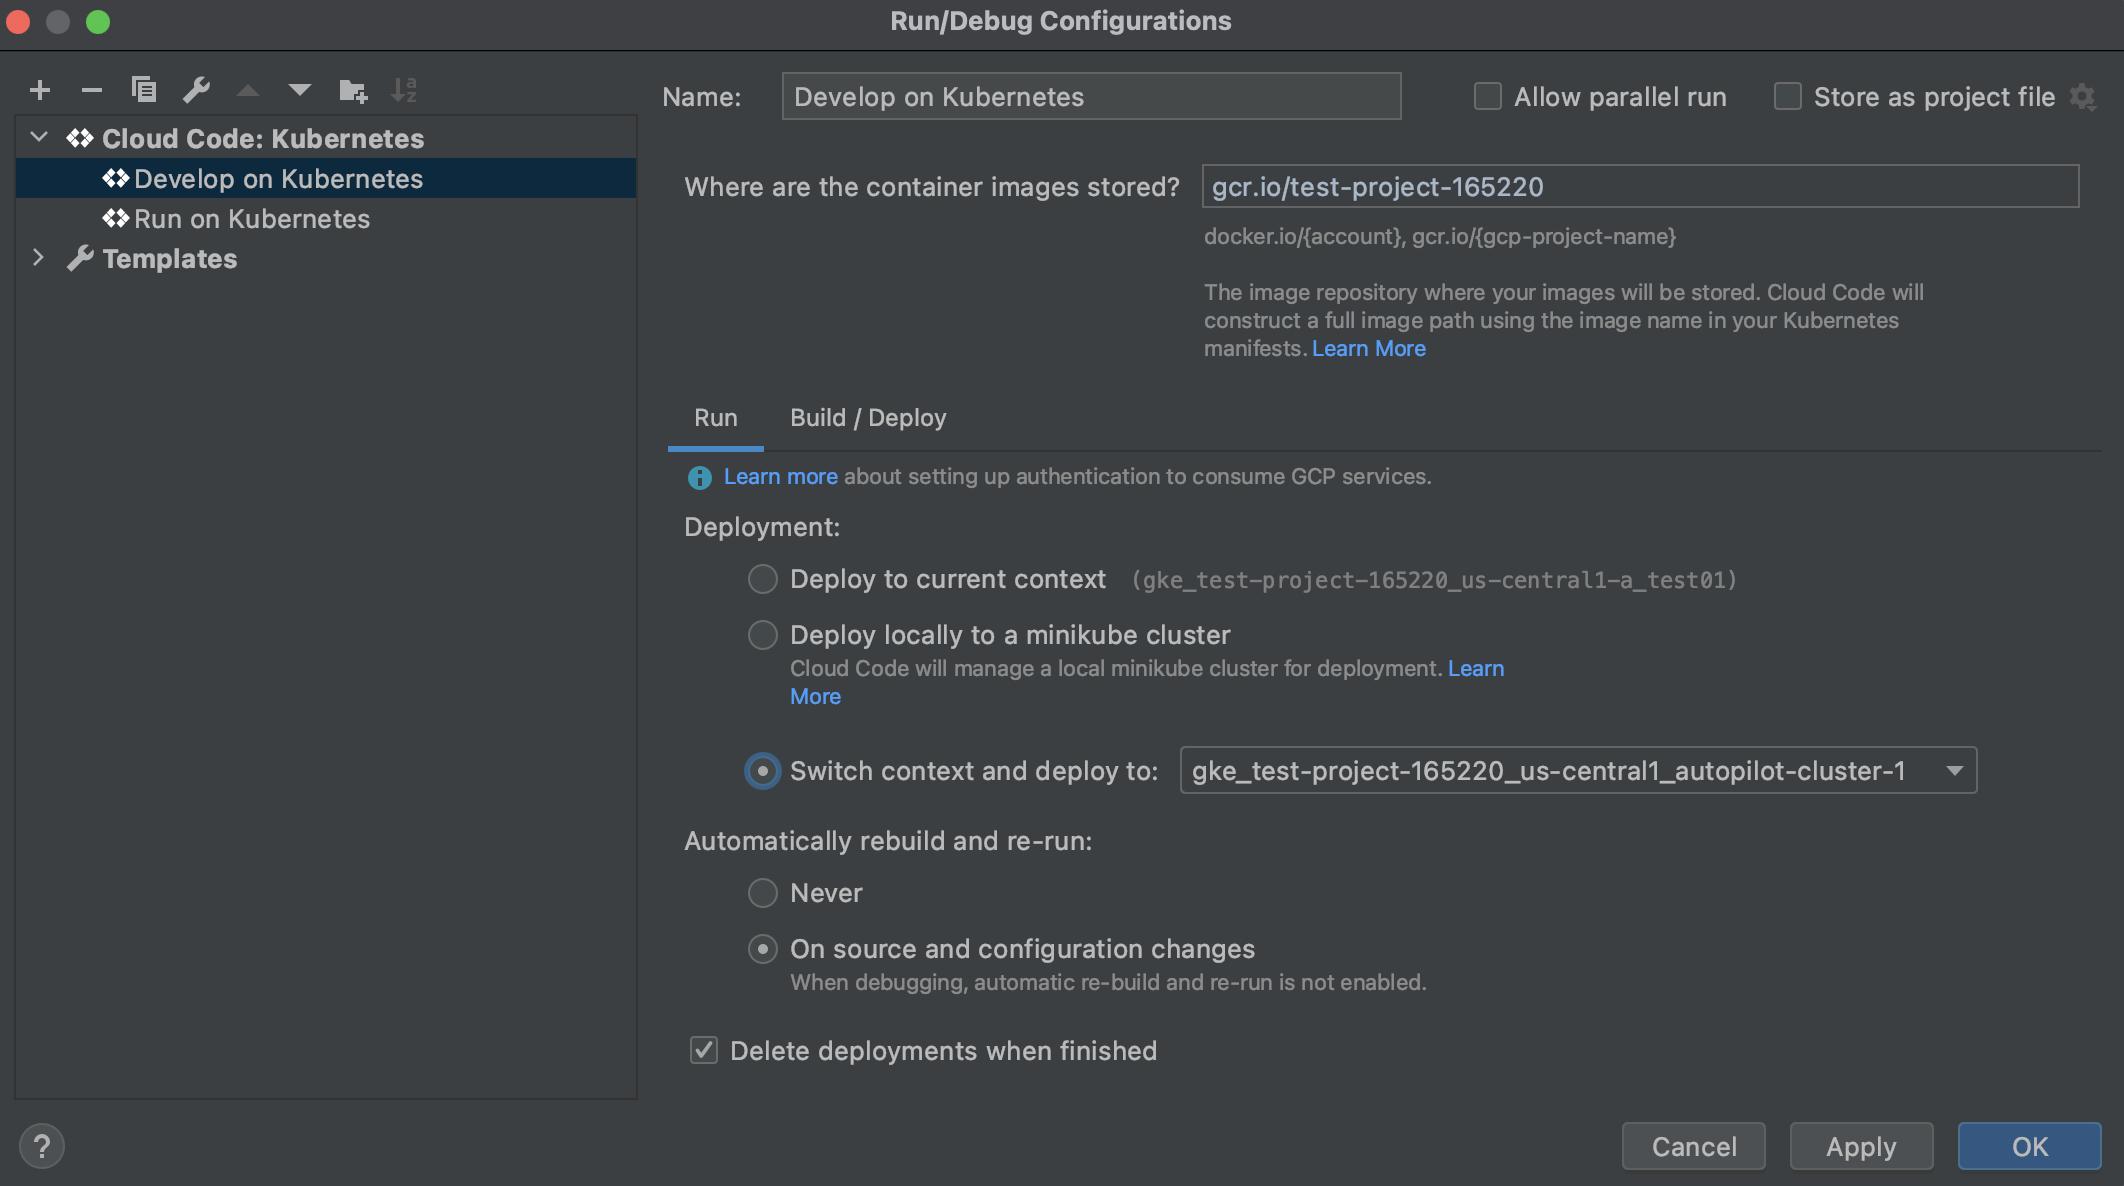 Kubernetes-Bereitstellungskontext in einer Cloud Code-Kubernetes-Konfiguration auswählen